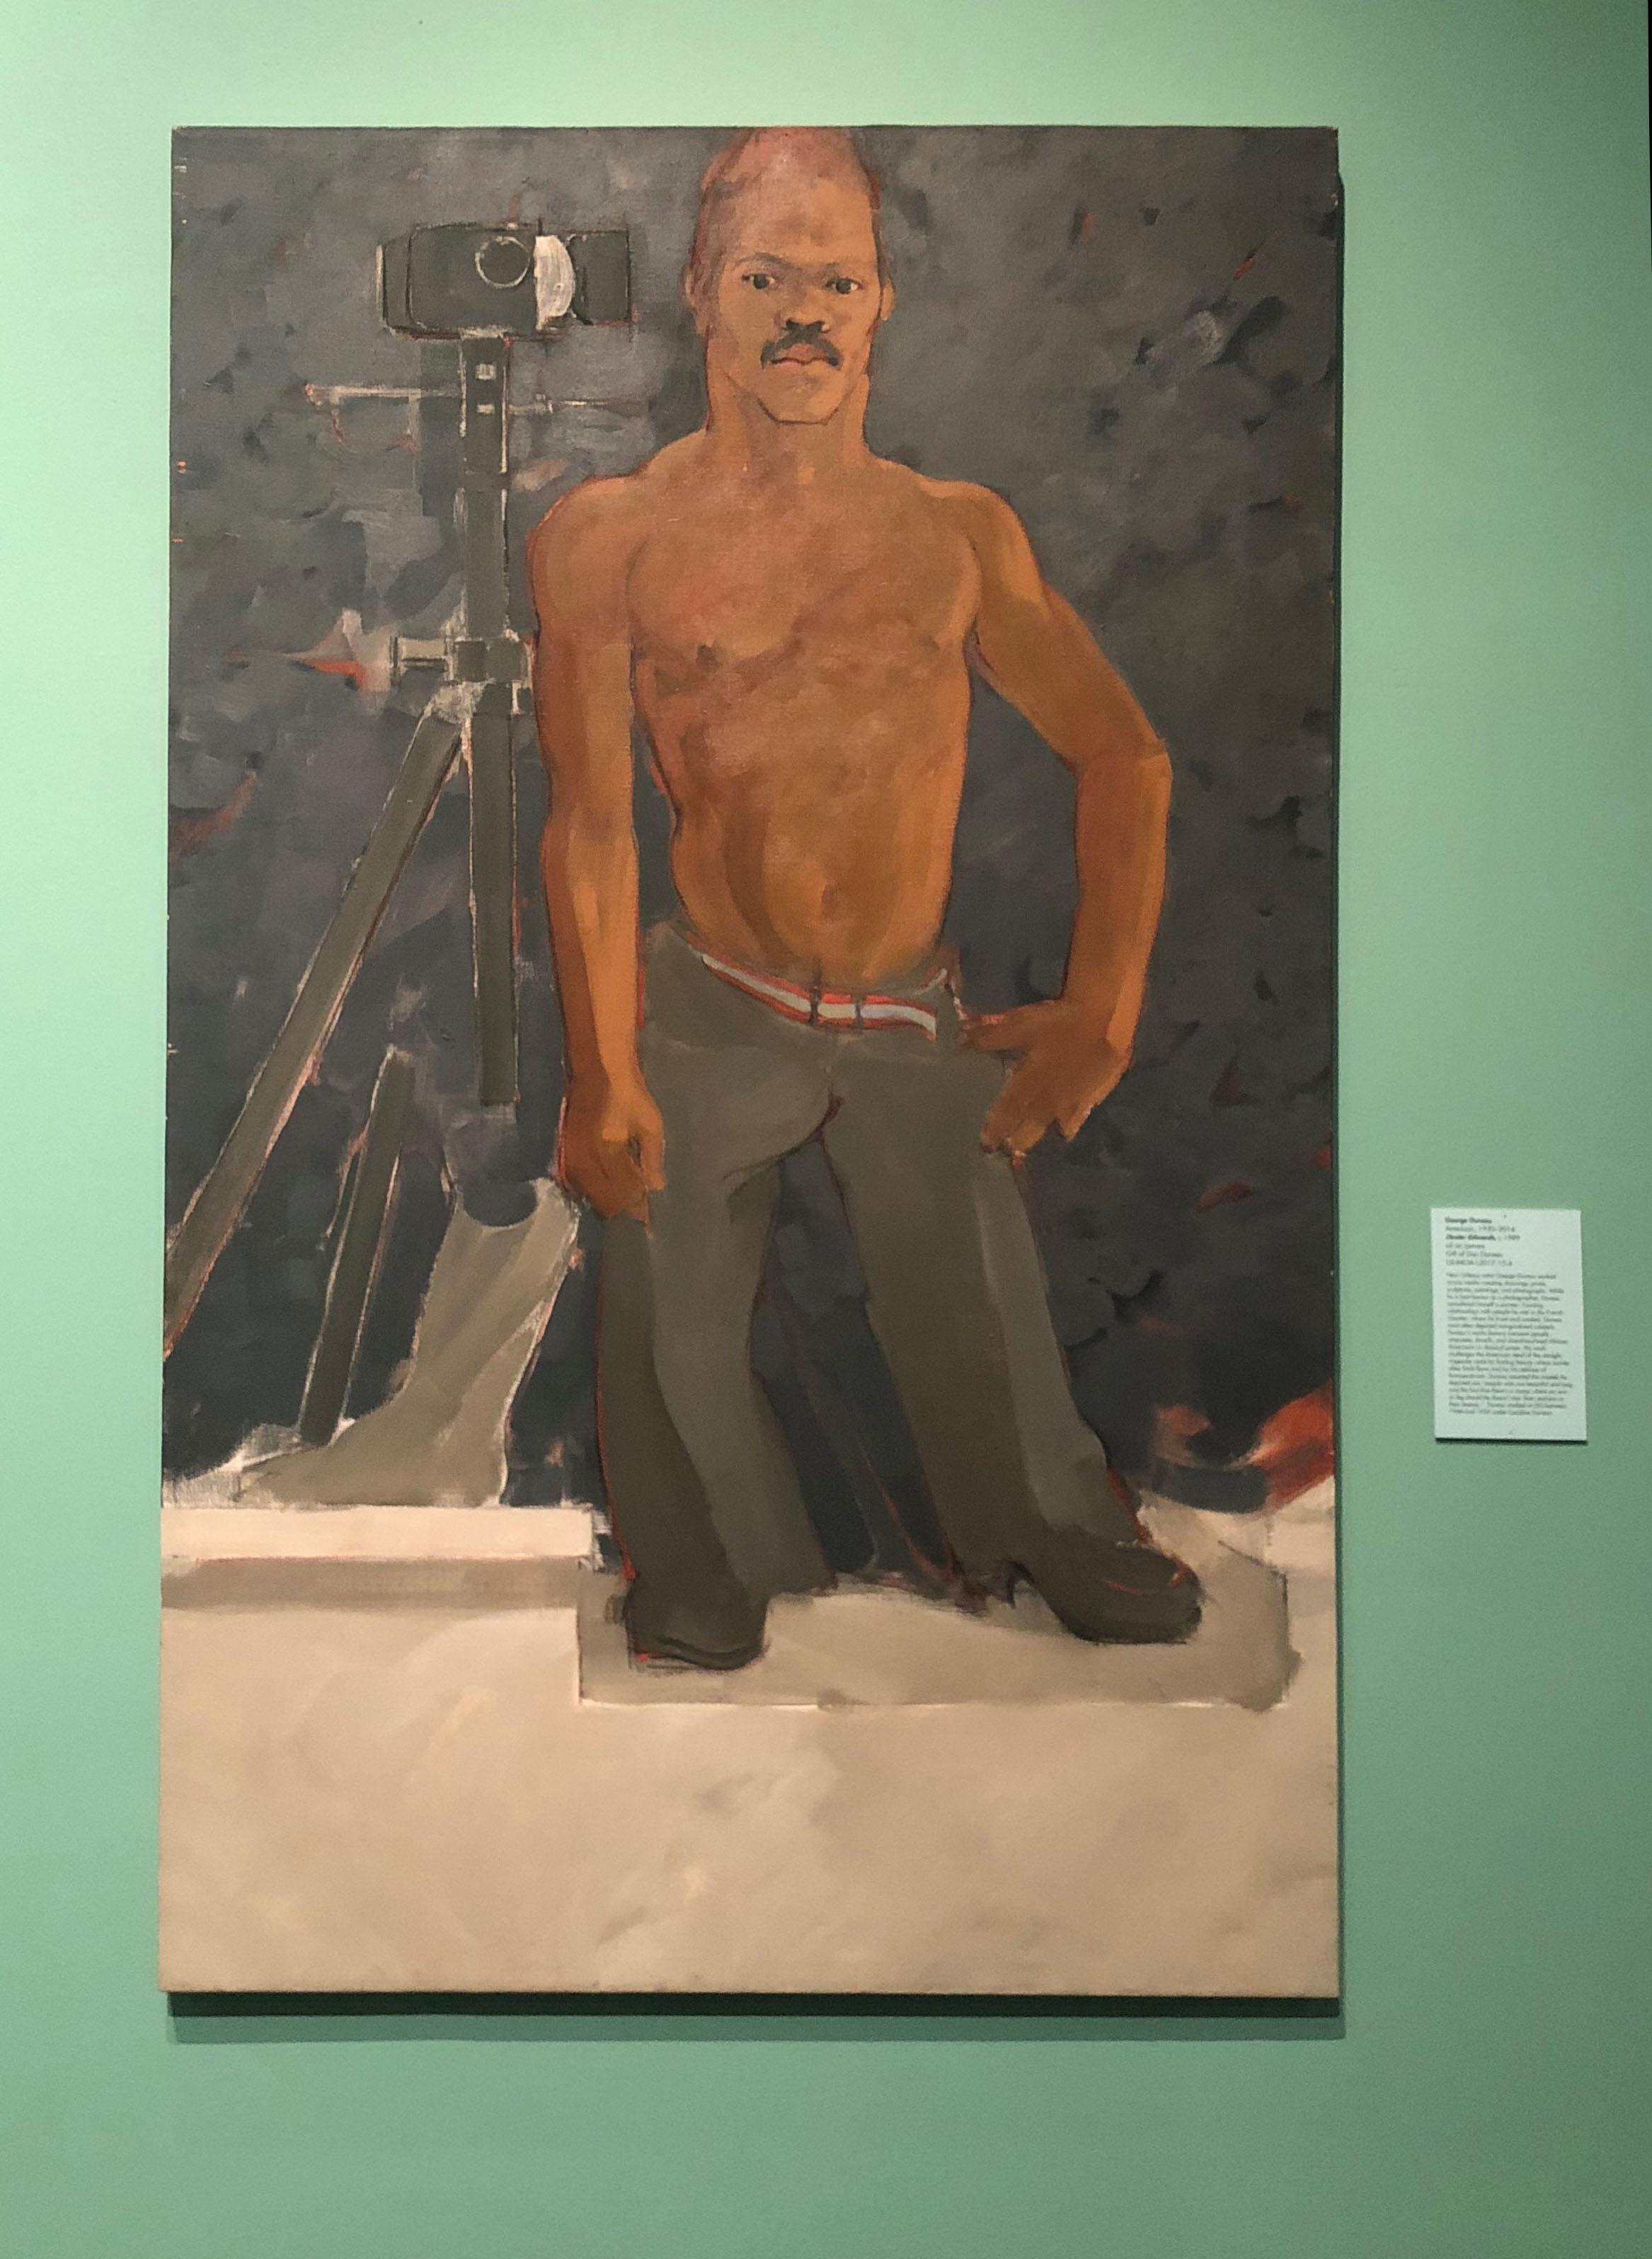 George Dureau (American, 1930–2014),  Dexter Edwards,  c. 1989, oil on canvas, Gift of Don Dureau, LSUMOA L2017.15.4